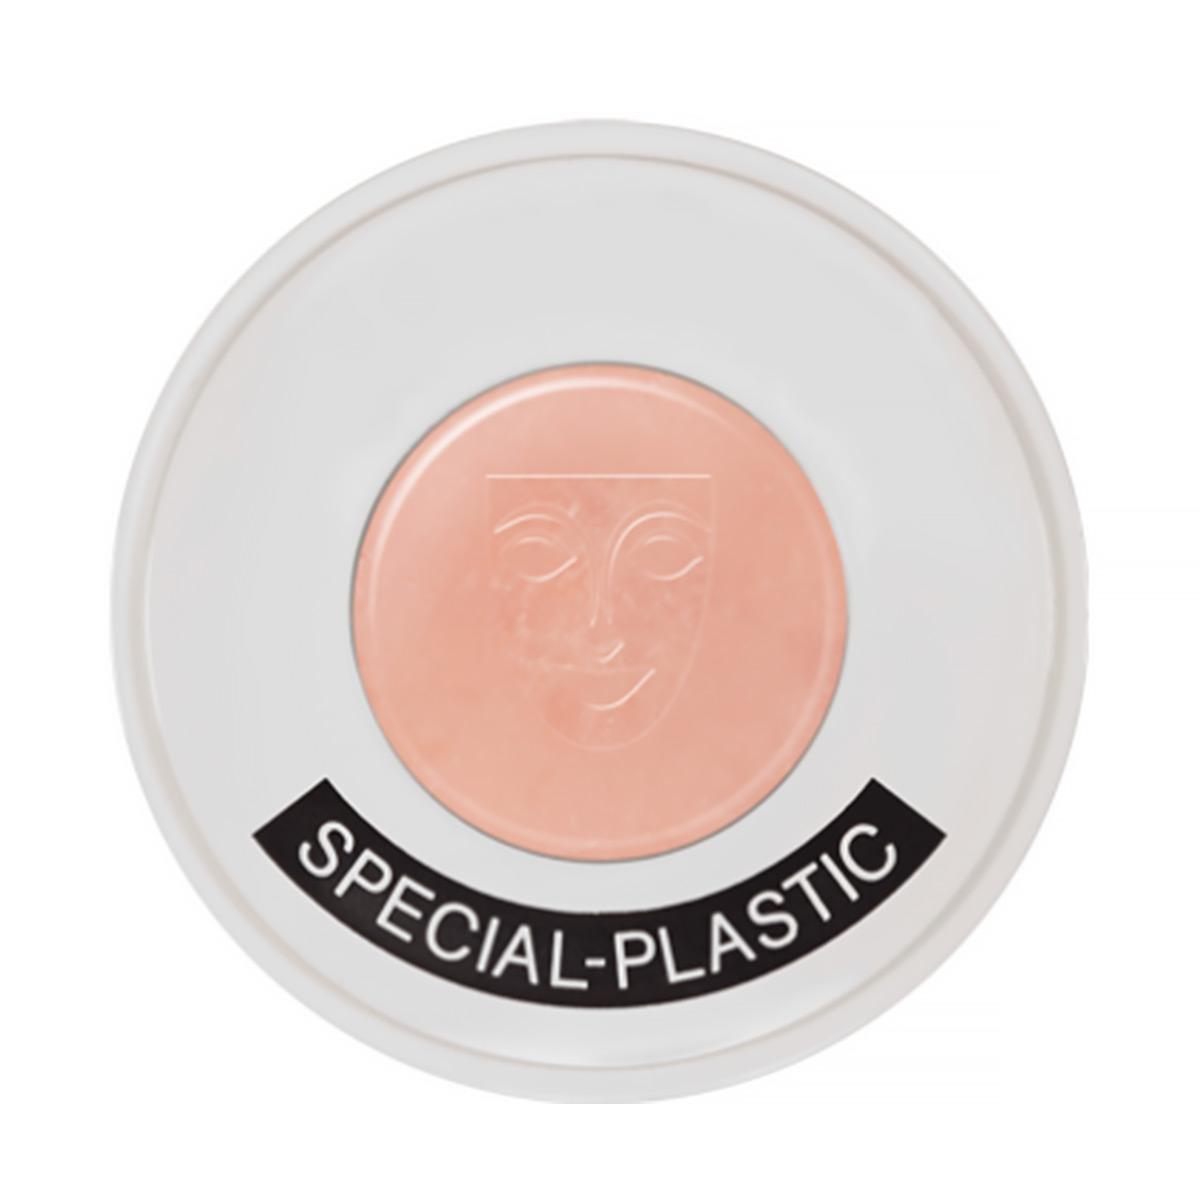 Special plastic